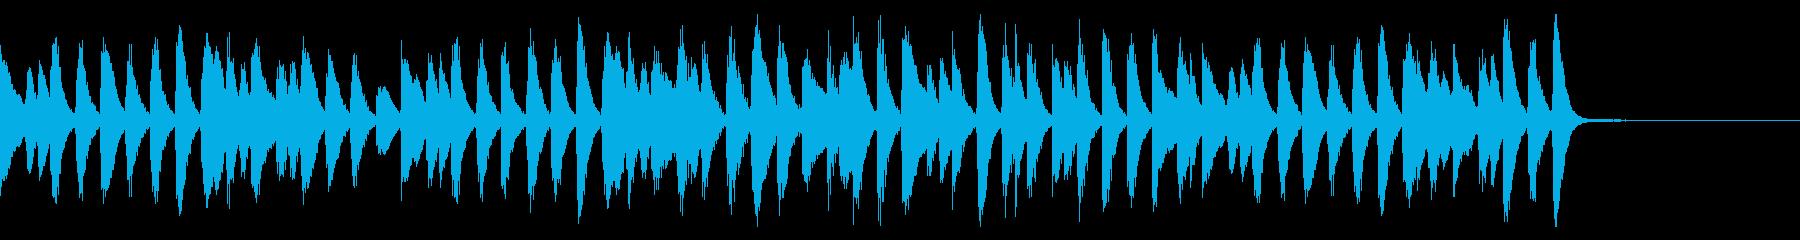 クリスマス定番曲のピアノラグ_短めの再生済みの波形